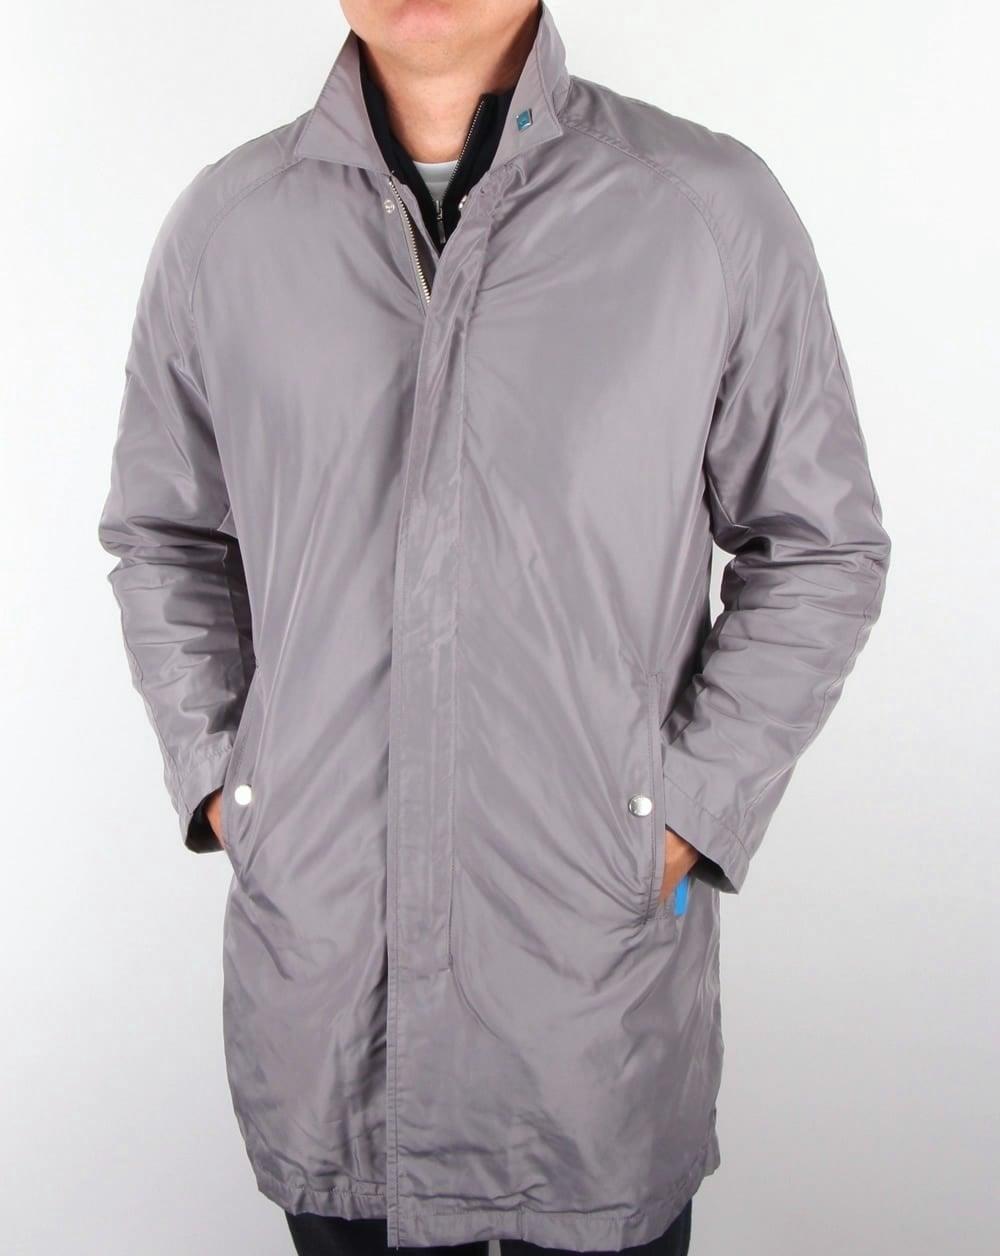 Ellesse Mac, Silver, Italia,Rain Altino, Men's, Jacket, Coat